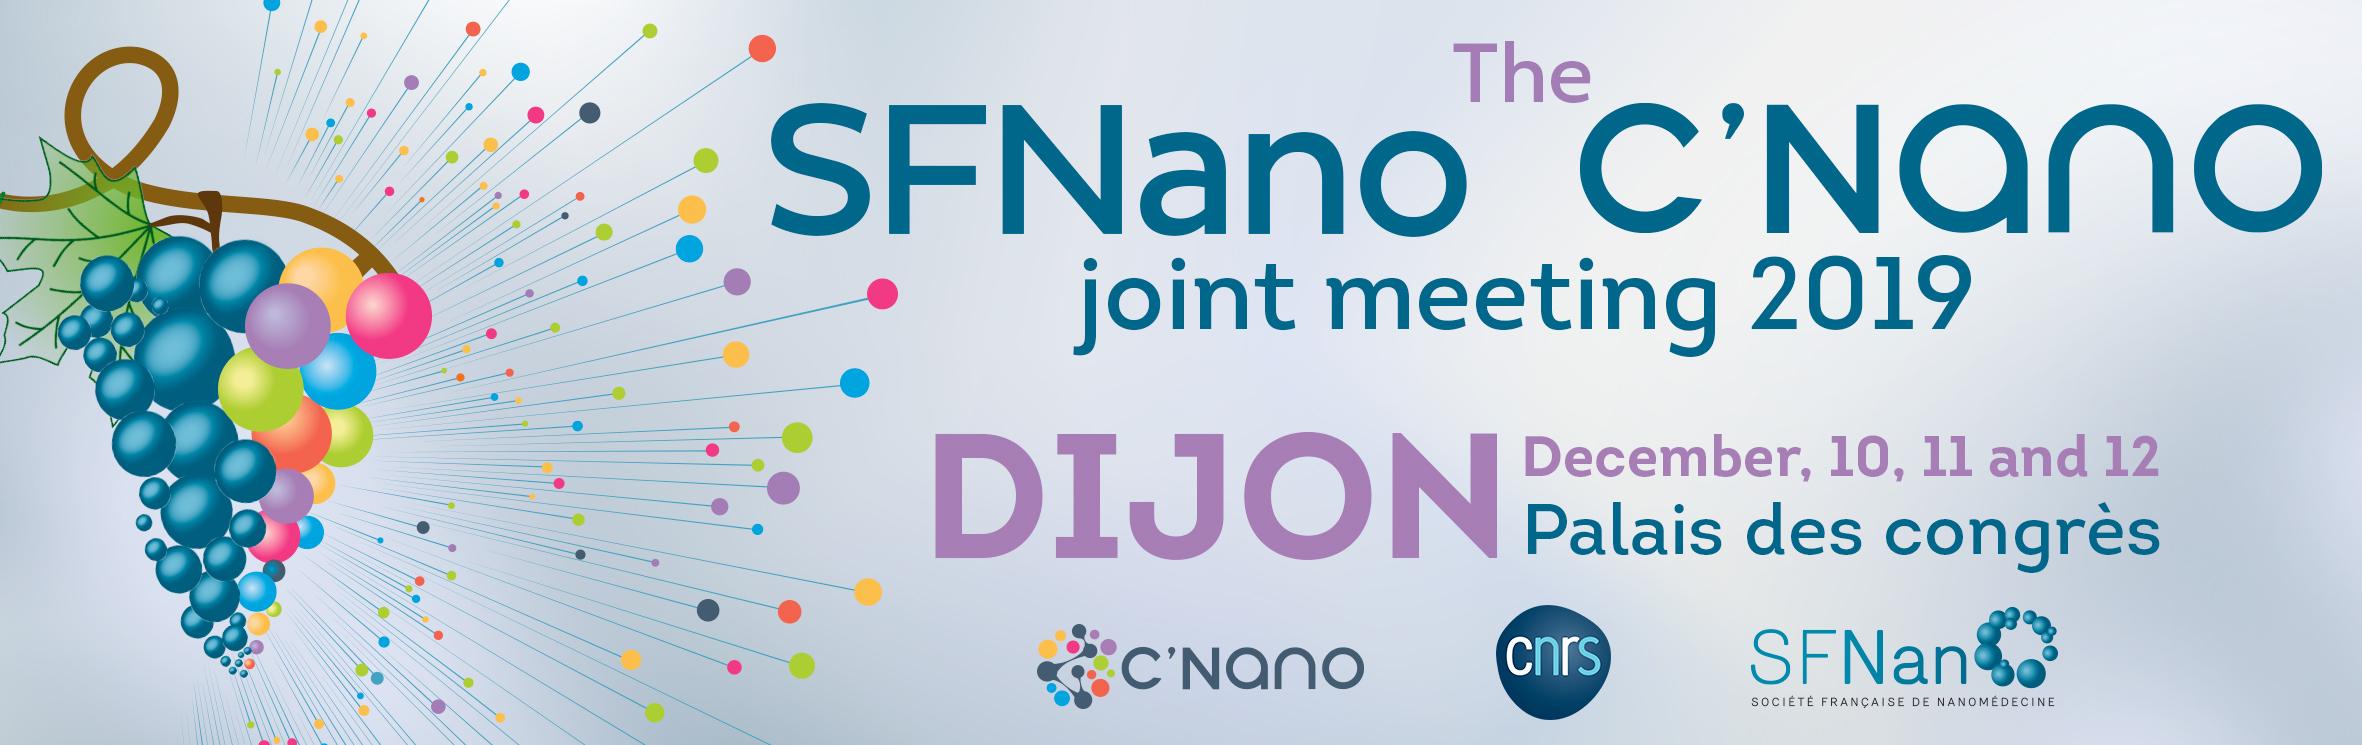 bandeau Conf SFNano CNano2019 02